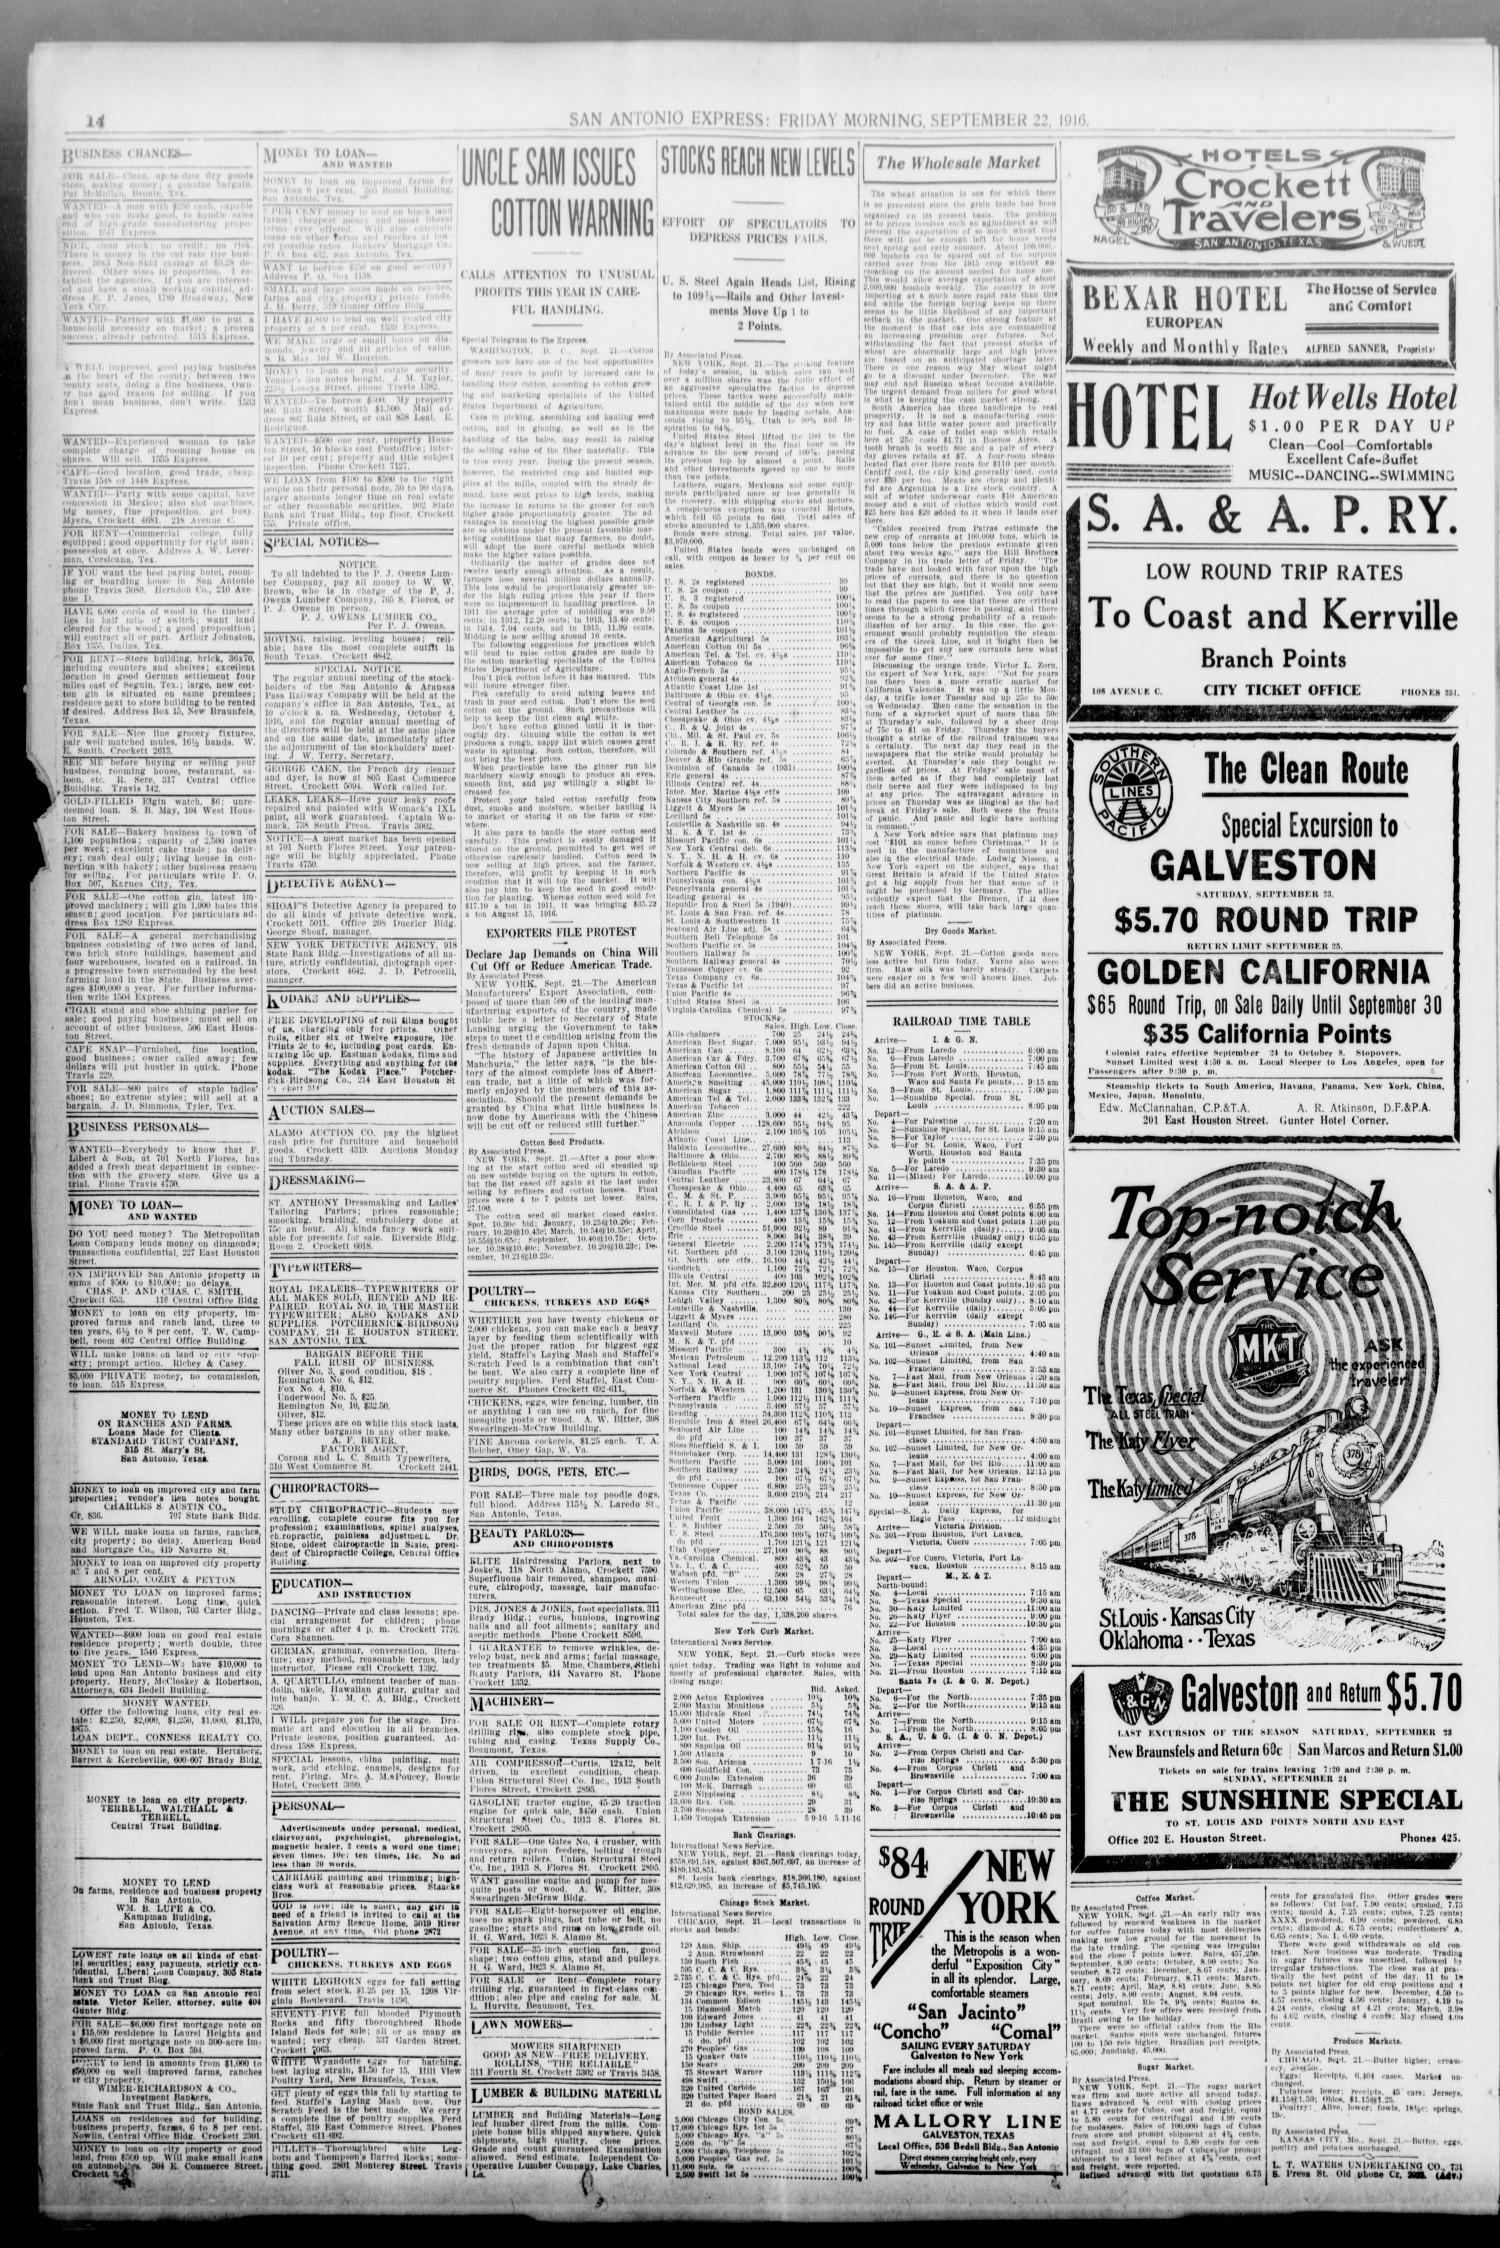 San Antonio Express  (San Antonio, Tex ), Vol  51, No  266